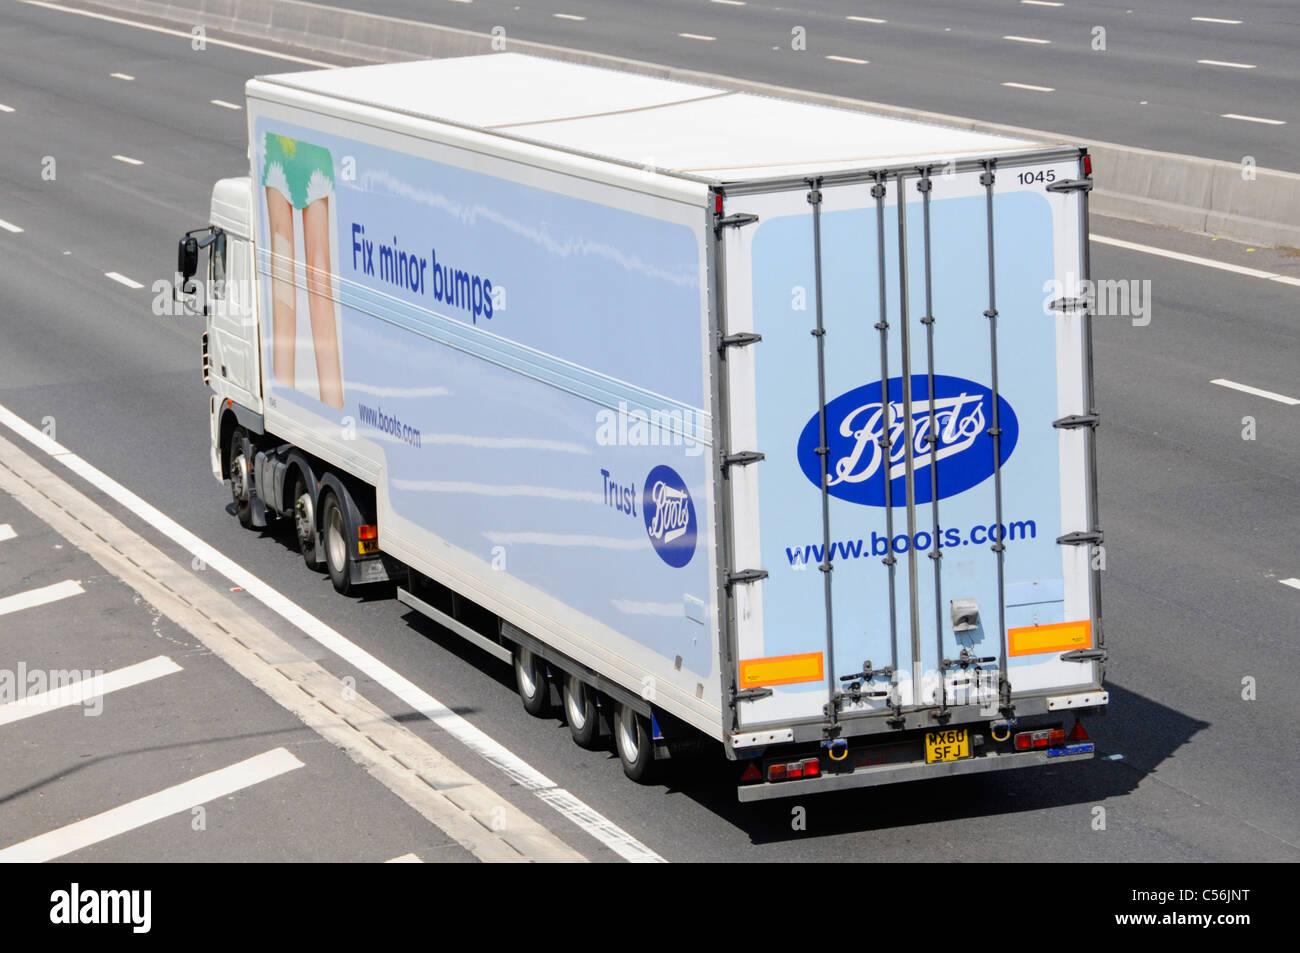 Seiten- und Rückansicht Stiefel Apotheke Apotheke Geschäft hgv supply chain Lkw Truck & Trailer mit Stockbild